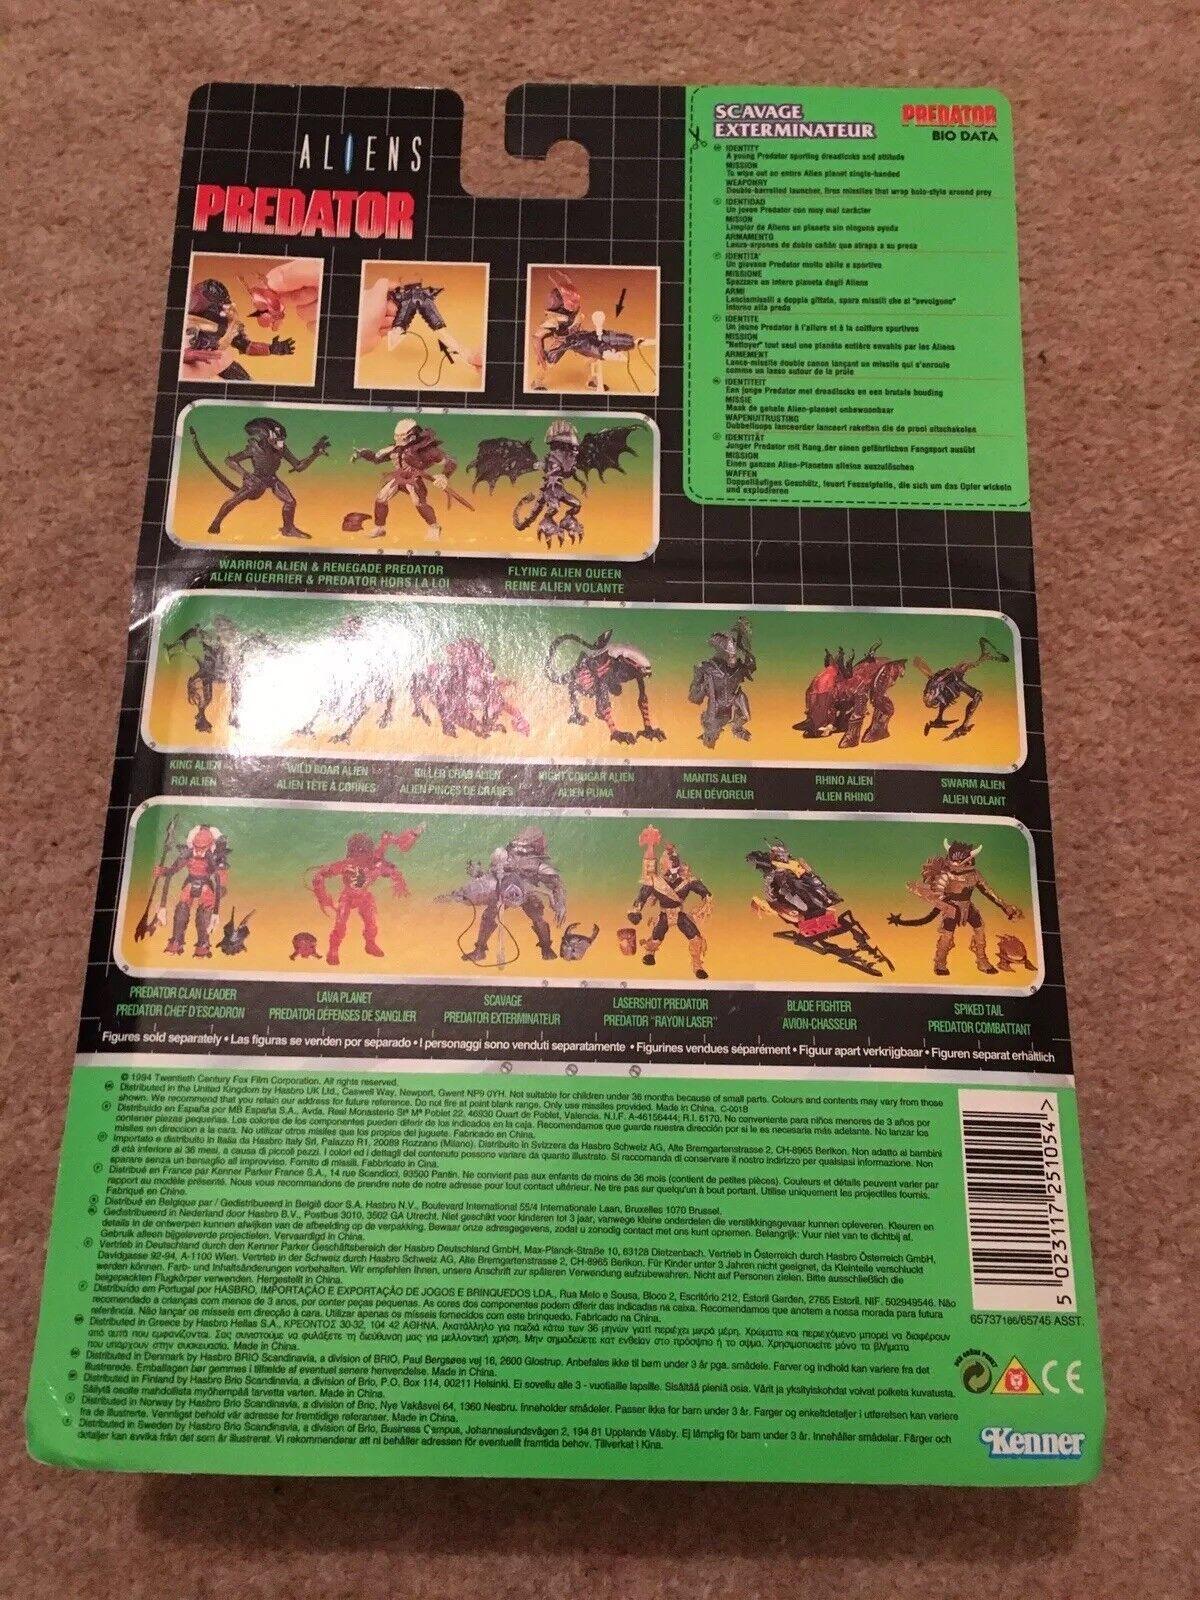 Aliens PROTator Scavage Scavage Scavage Exterminateur 1994 MOC 530ea5